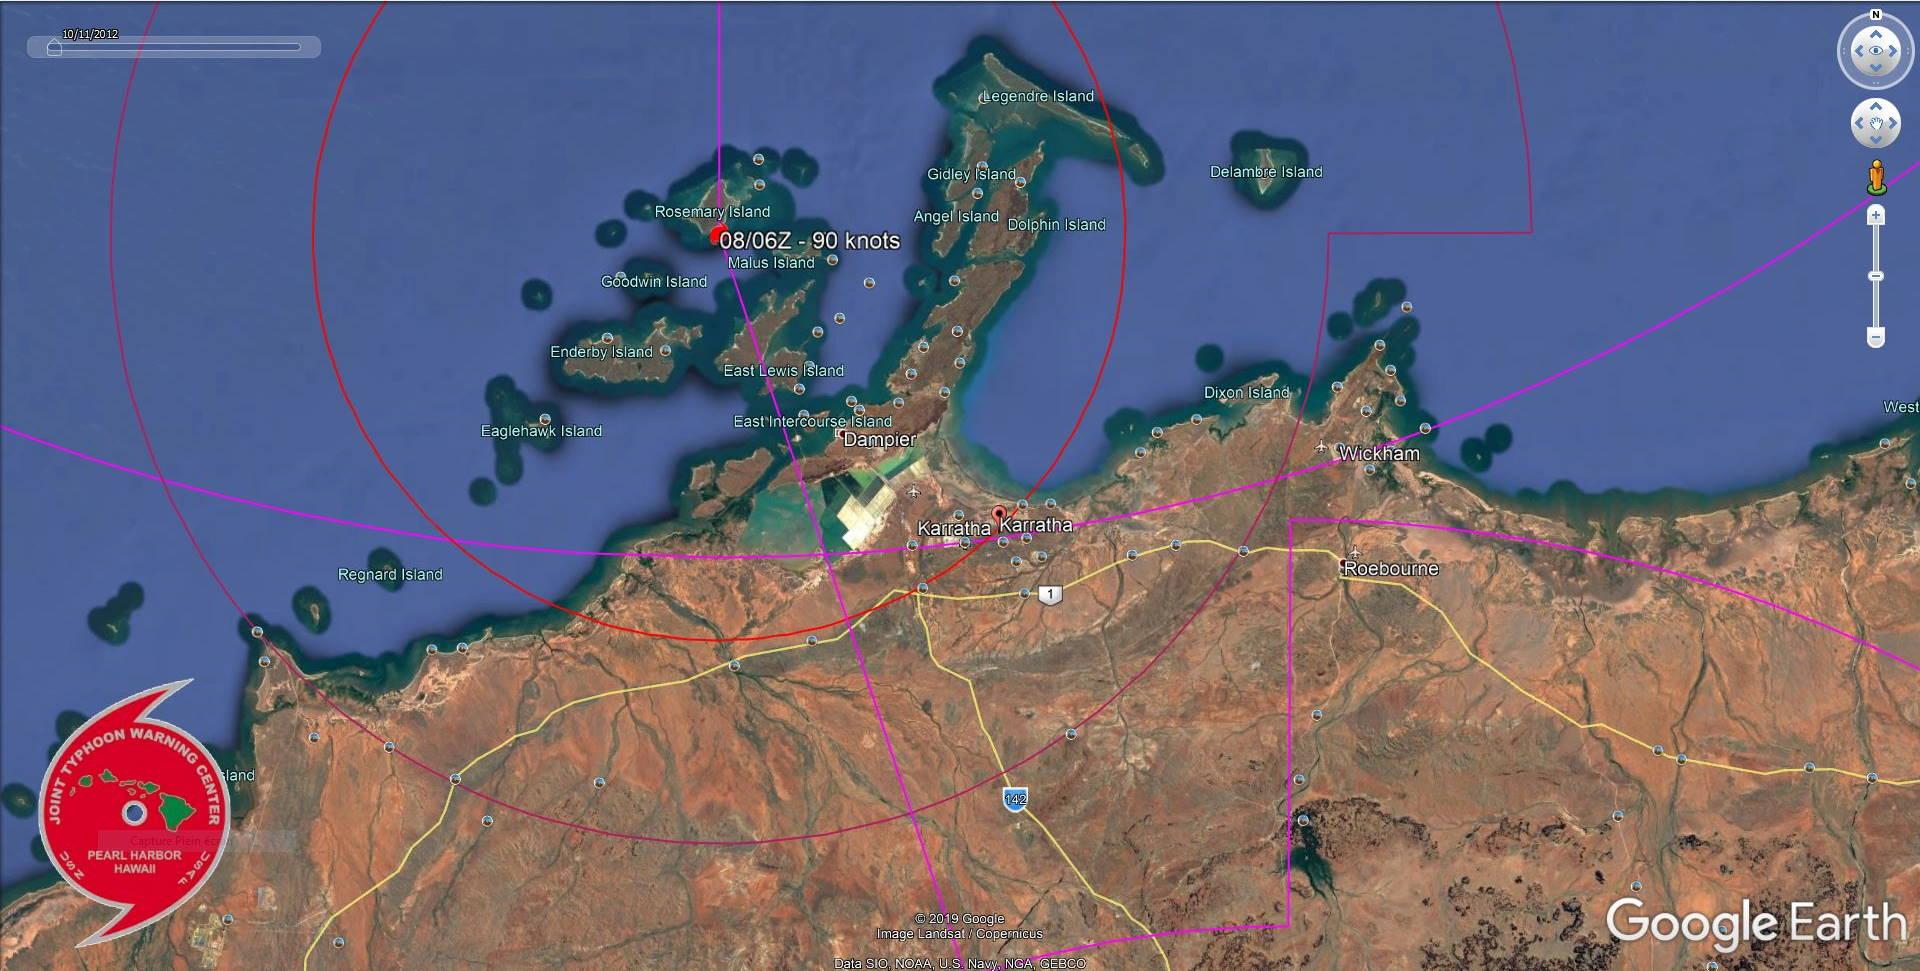 TC 14S(DAMIEN) CAT 2 US, intensifying, approaching Karratha, update at 07/21UTC